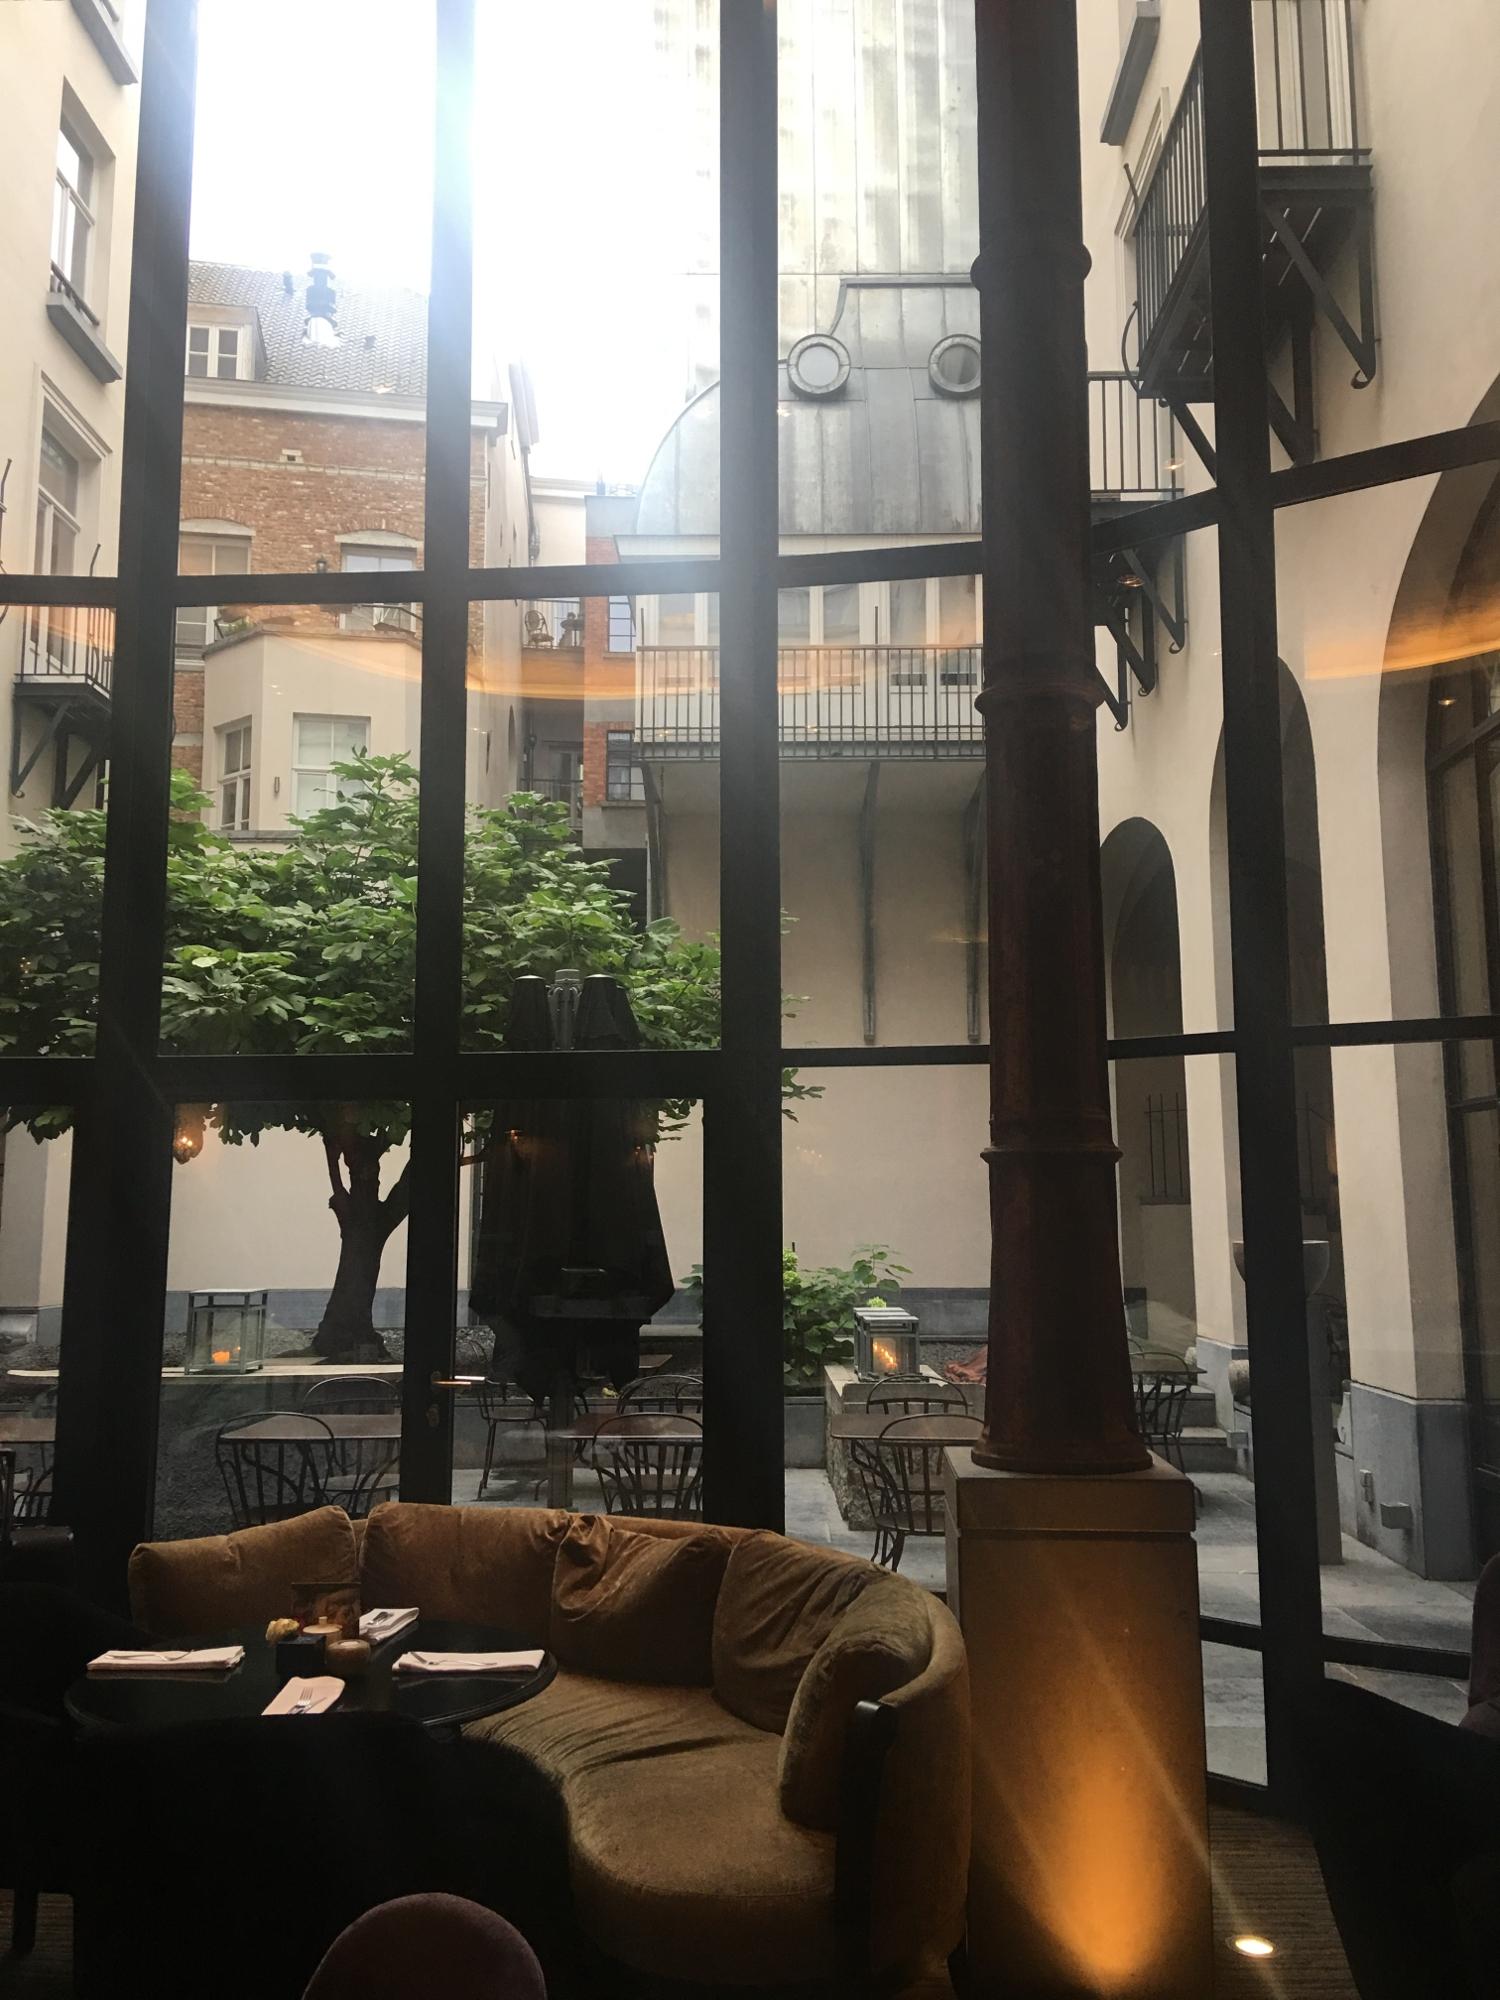 rocaille-blog-bruxelles-flemish-art-5